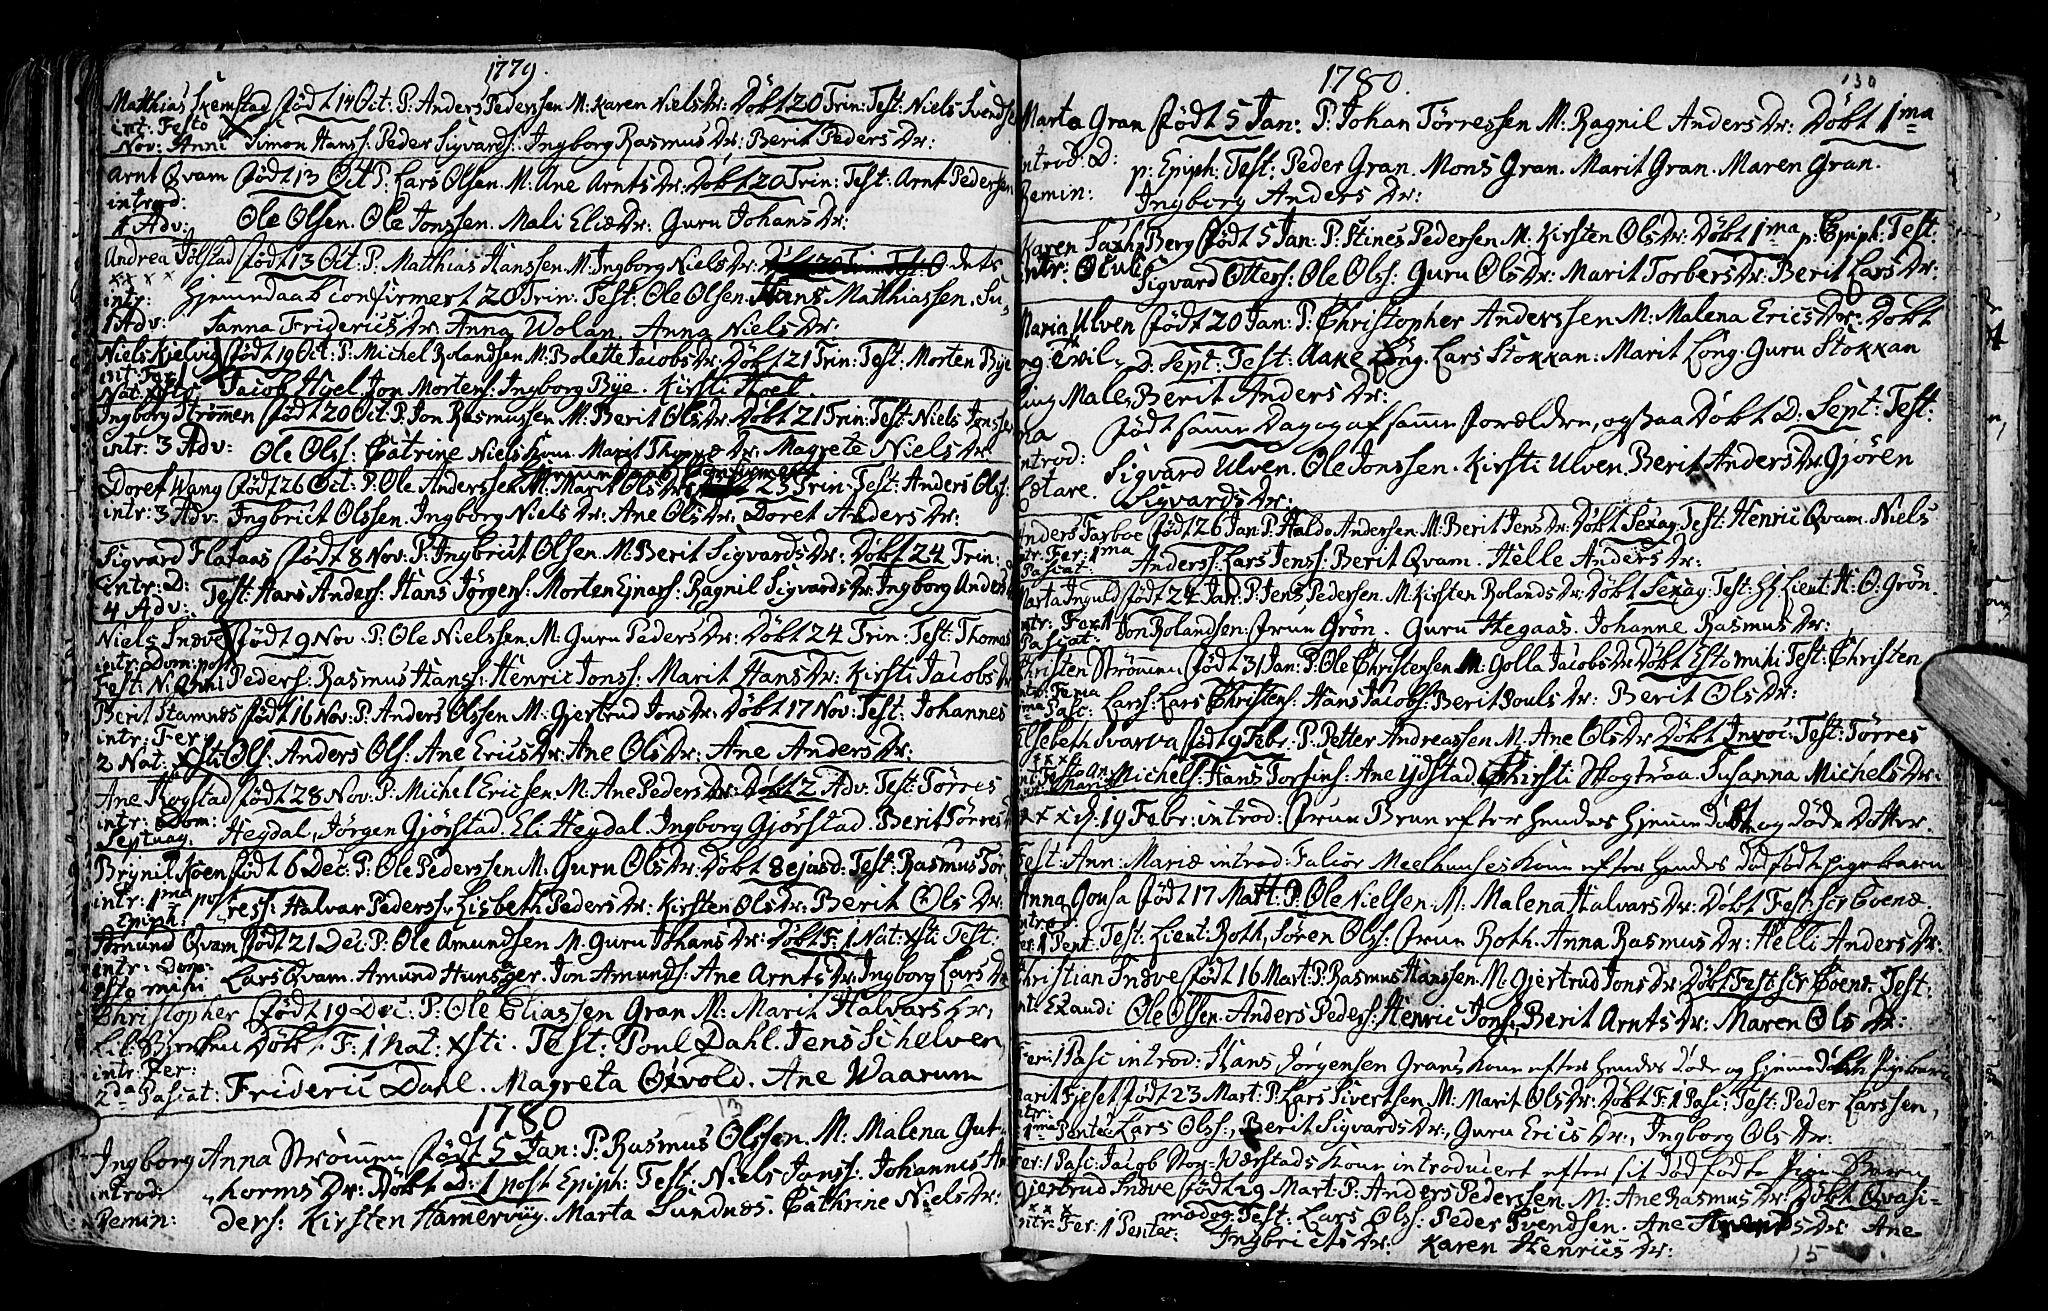 SAT, Ministerialprotokoller, klokkerbøker og fødselsregistre - Nord-Trøndelag, 730/L0273: Ministerialbok nr. 730A02, 1762-1802, s. 130